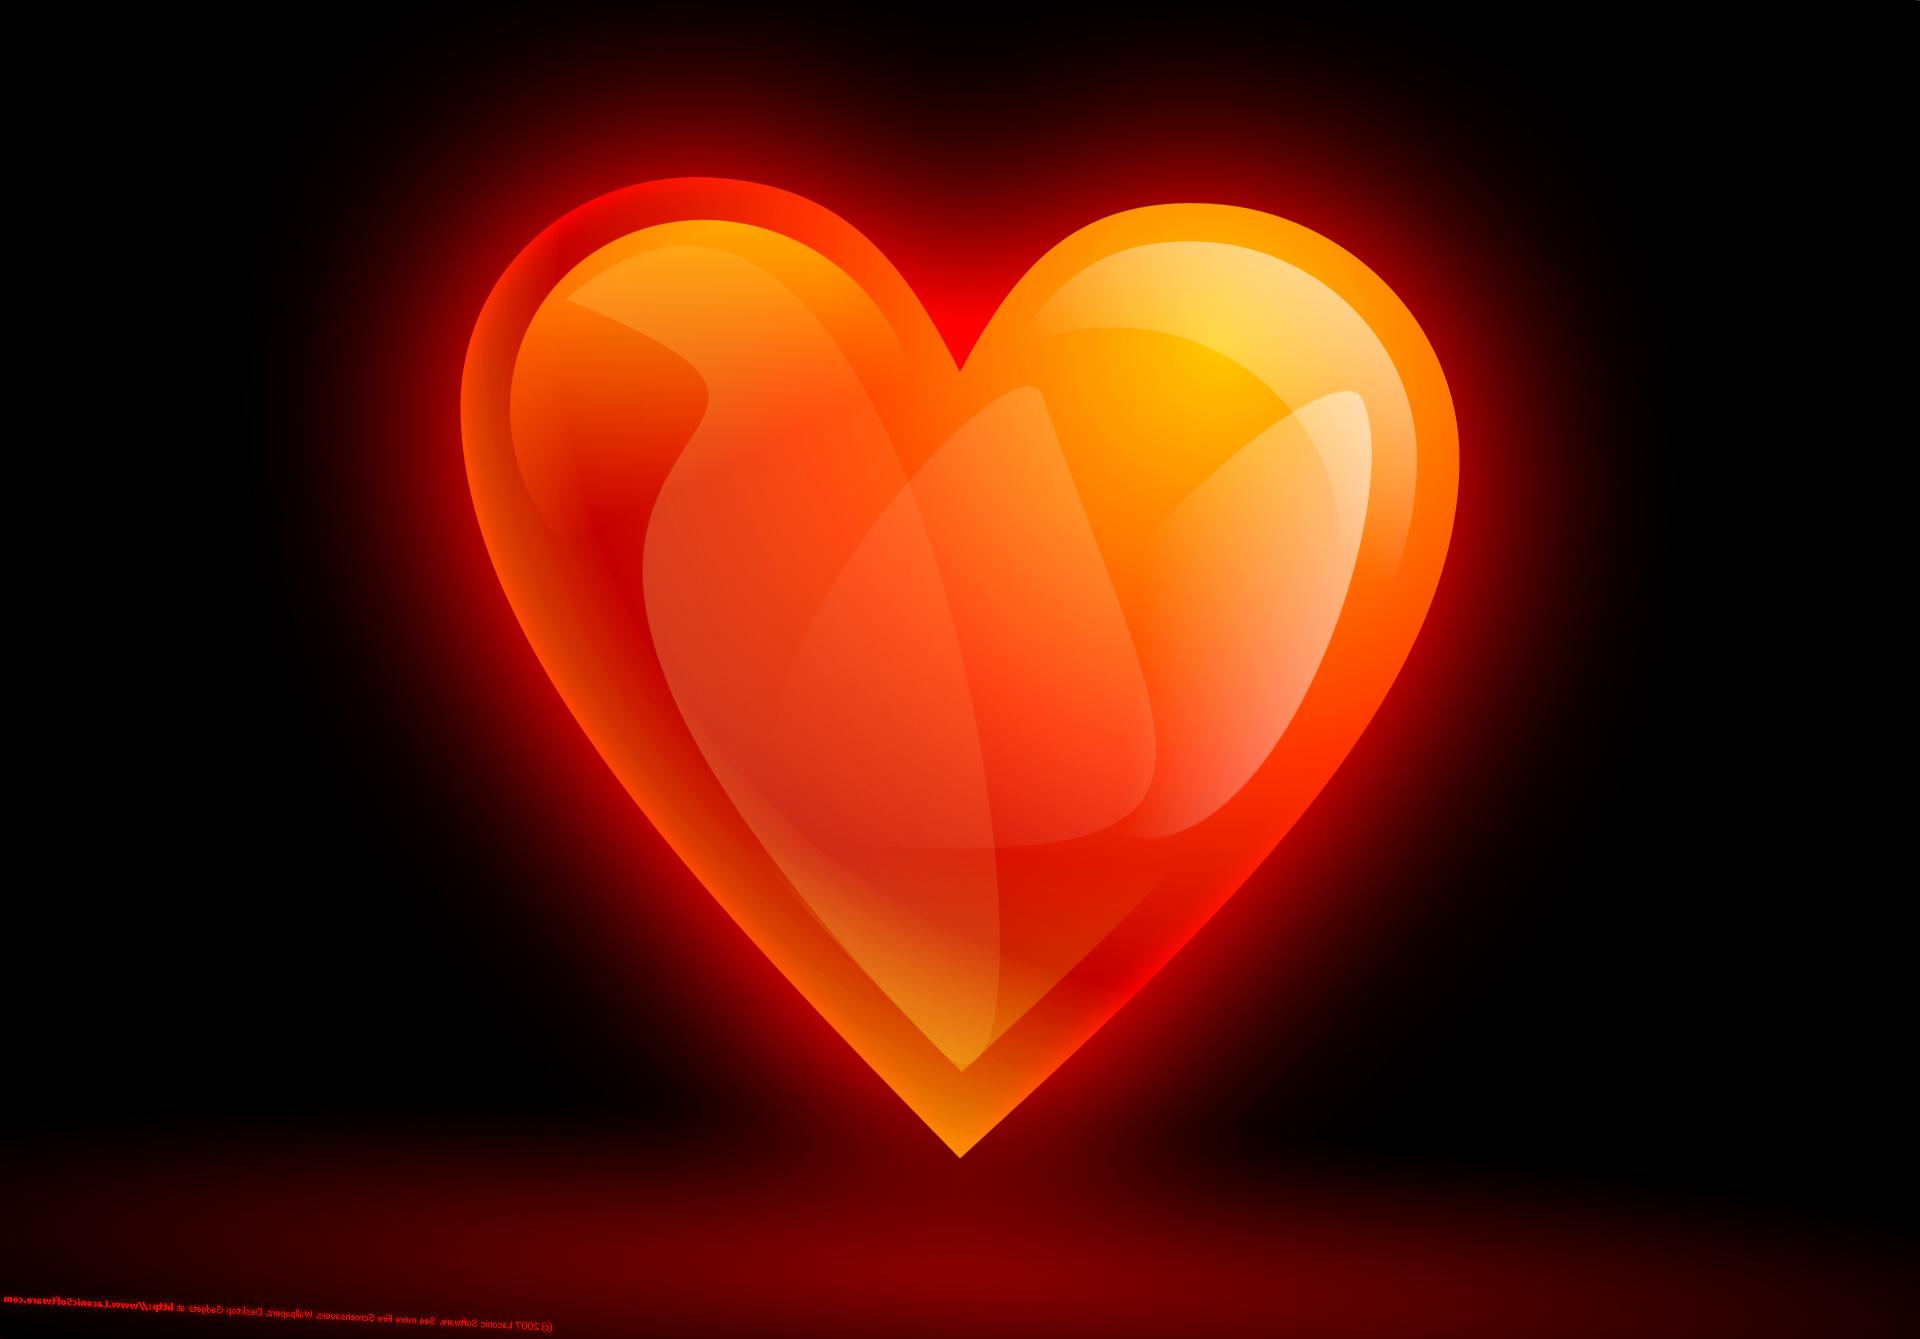 Wallpaper Love Heart Orange Valentine S Day Multicolor